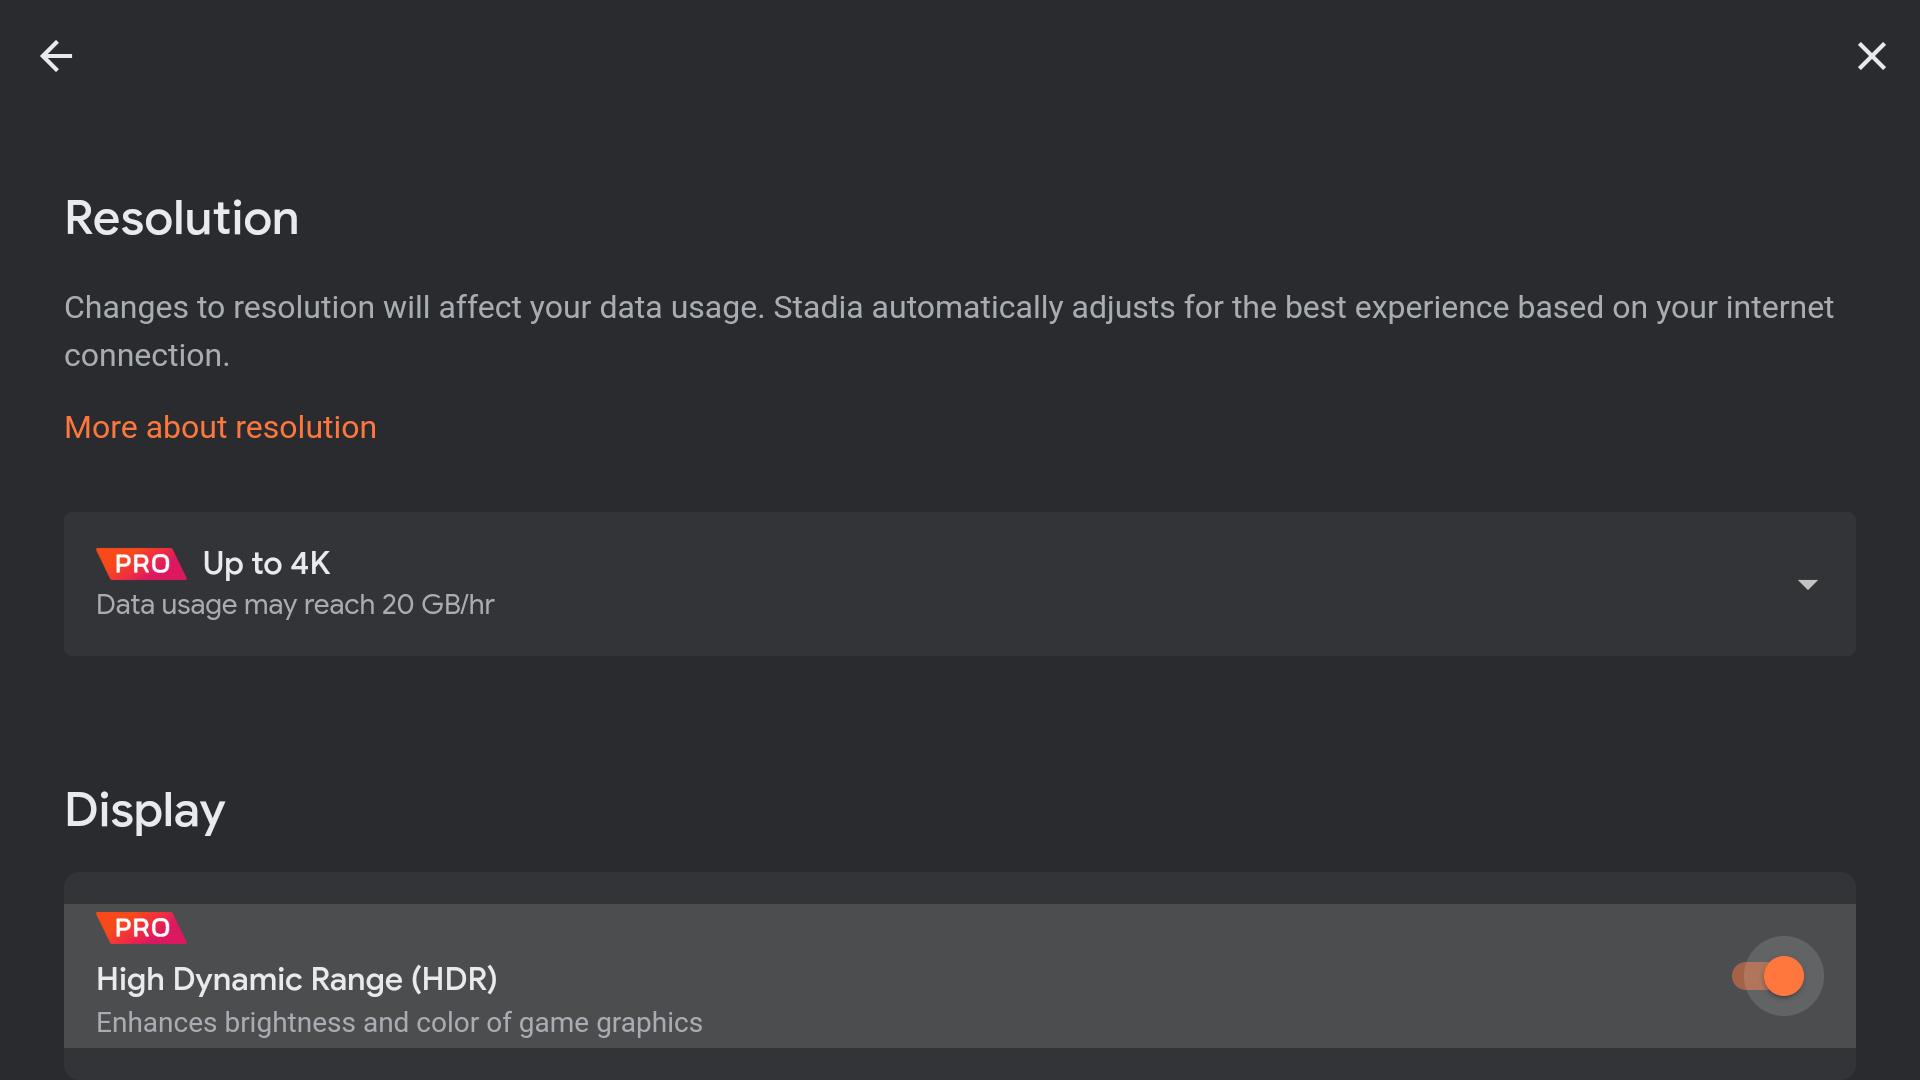 Google optional 4K und HDR für das Pro-Abo und Android TV